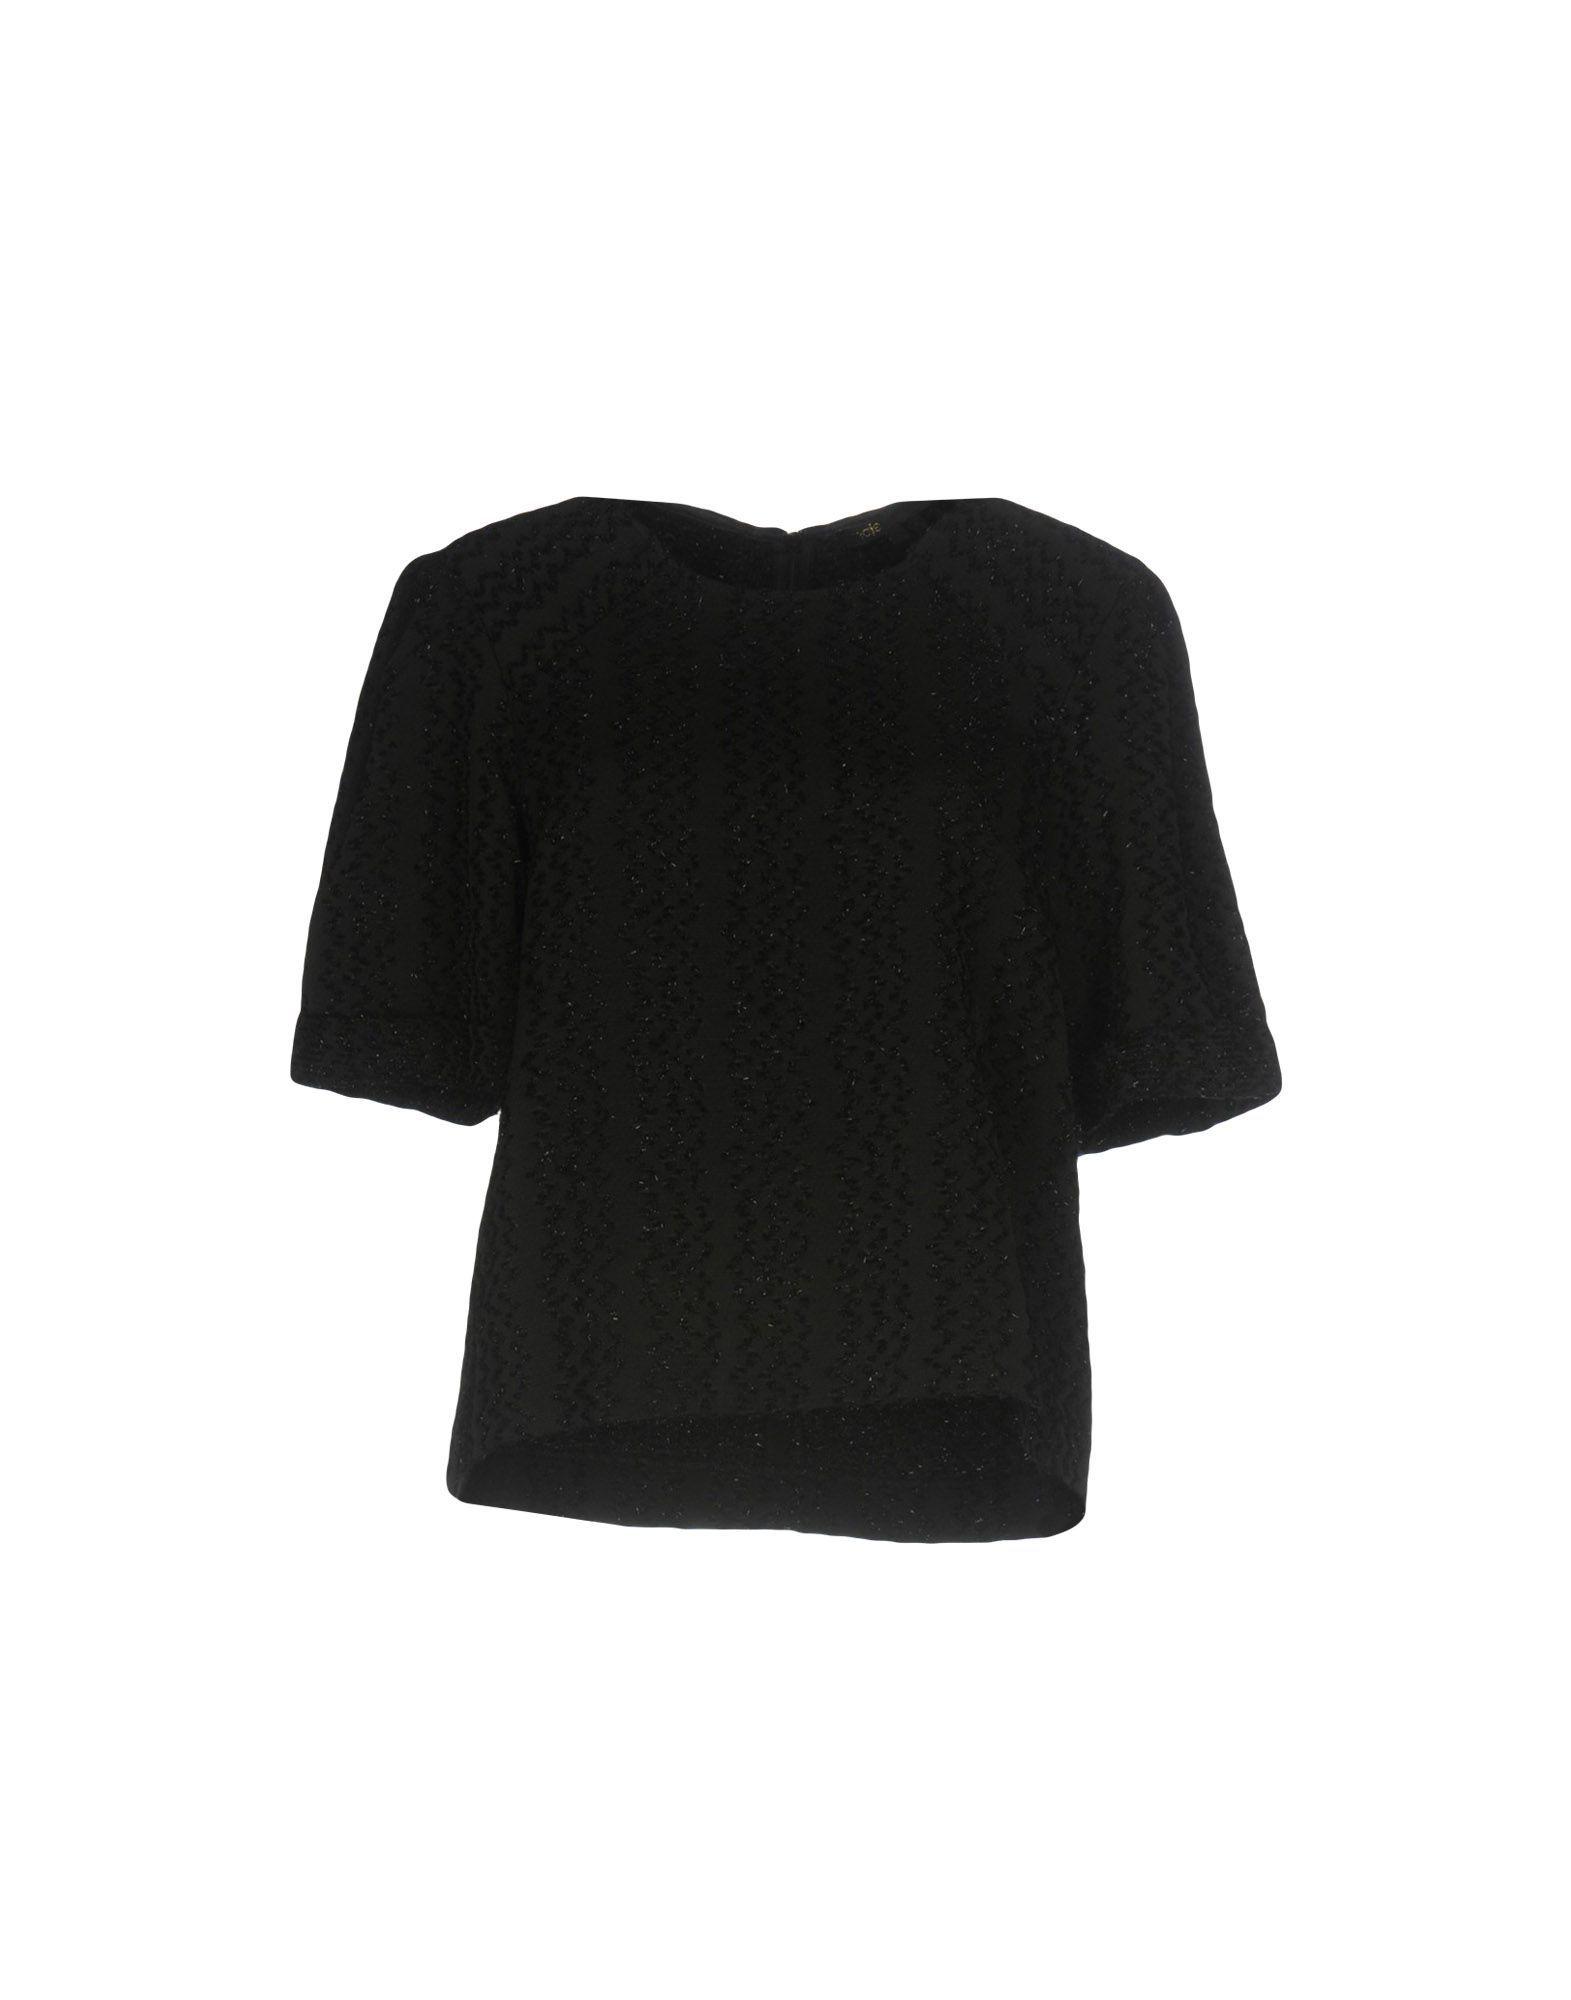 Maje Black Short Sleeve Shirt